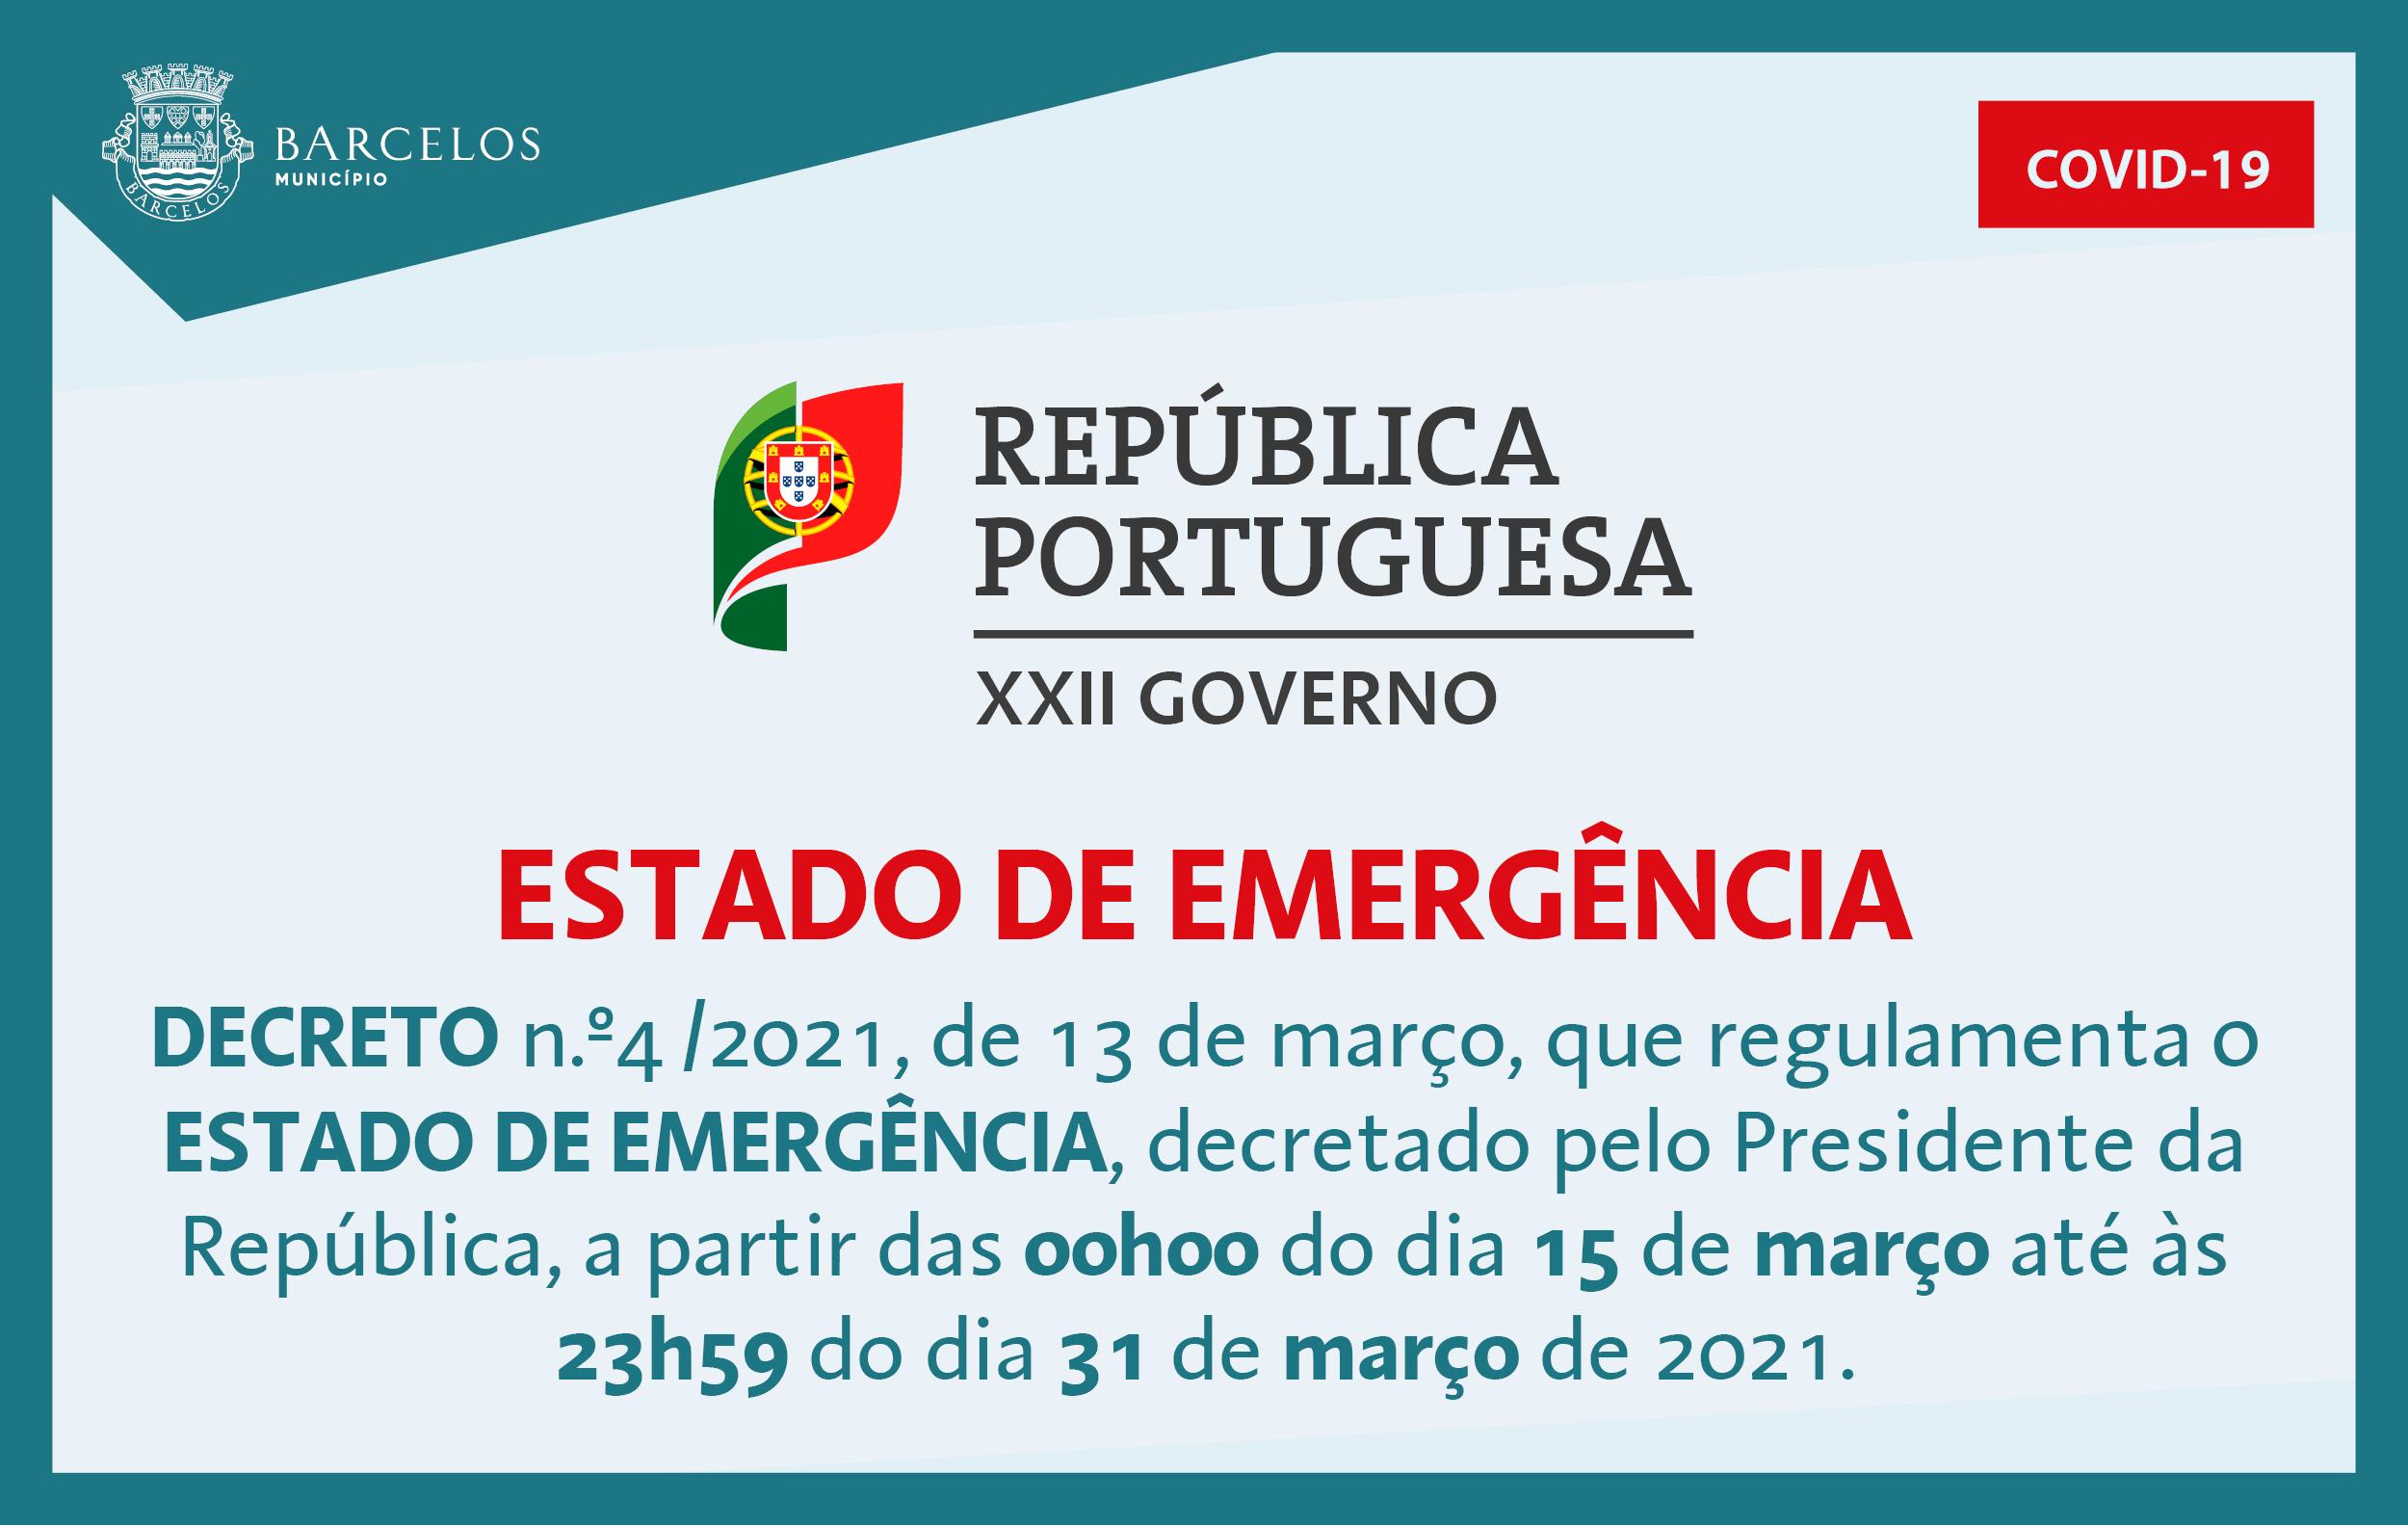 Decreto n.º4/2021, de 13 de março, que regulamenta o Estado de Emergência